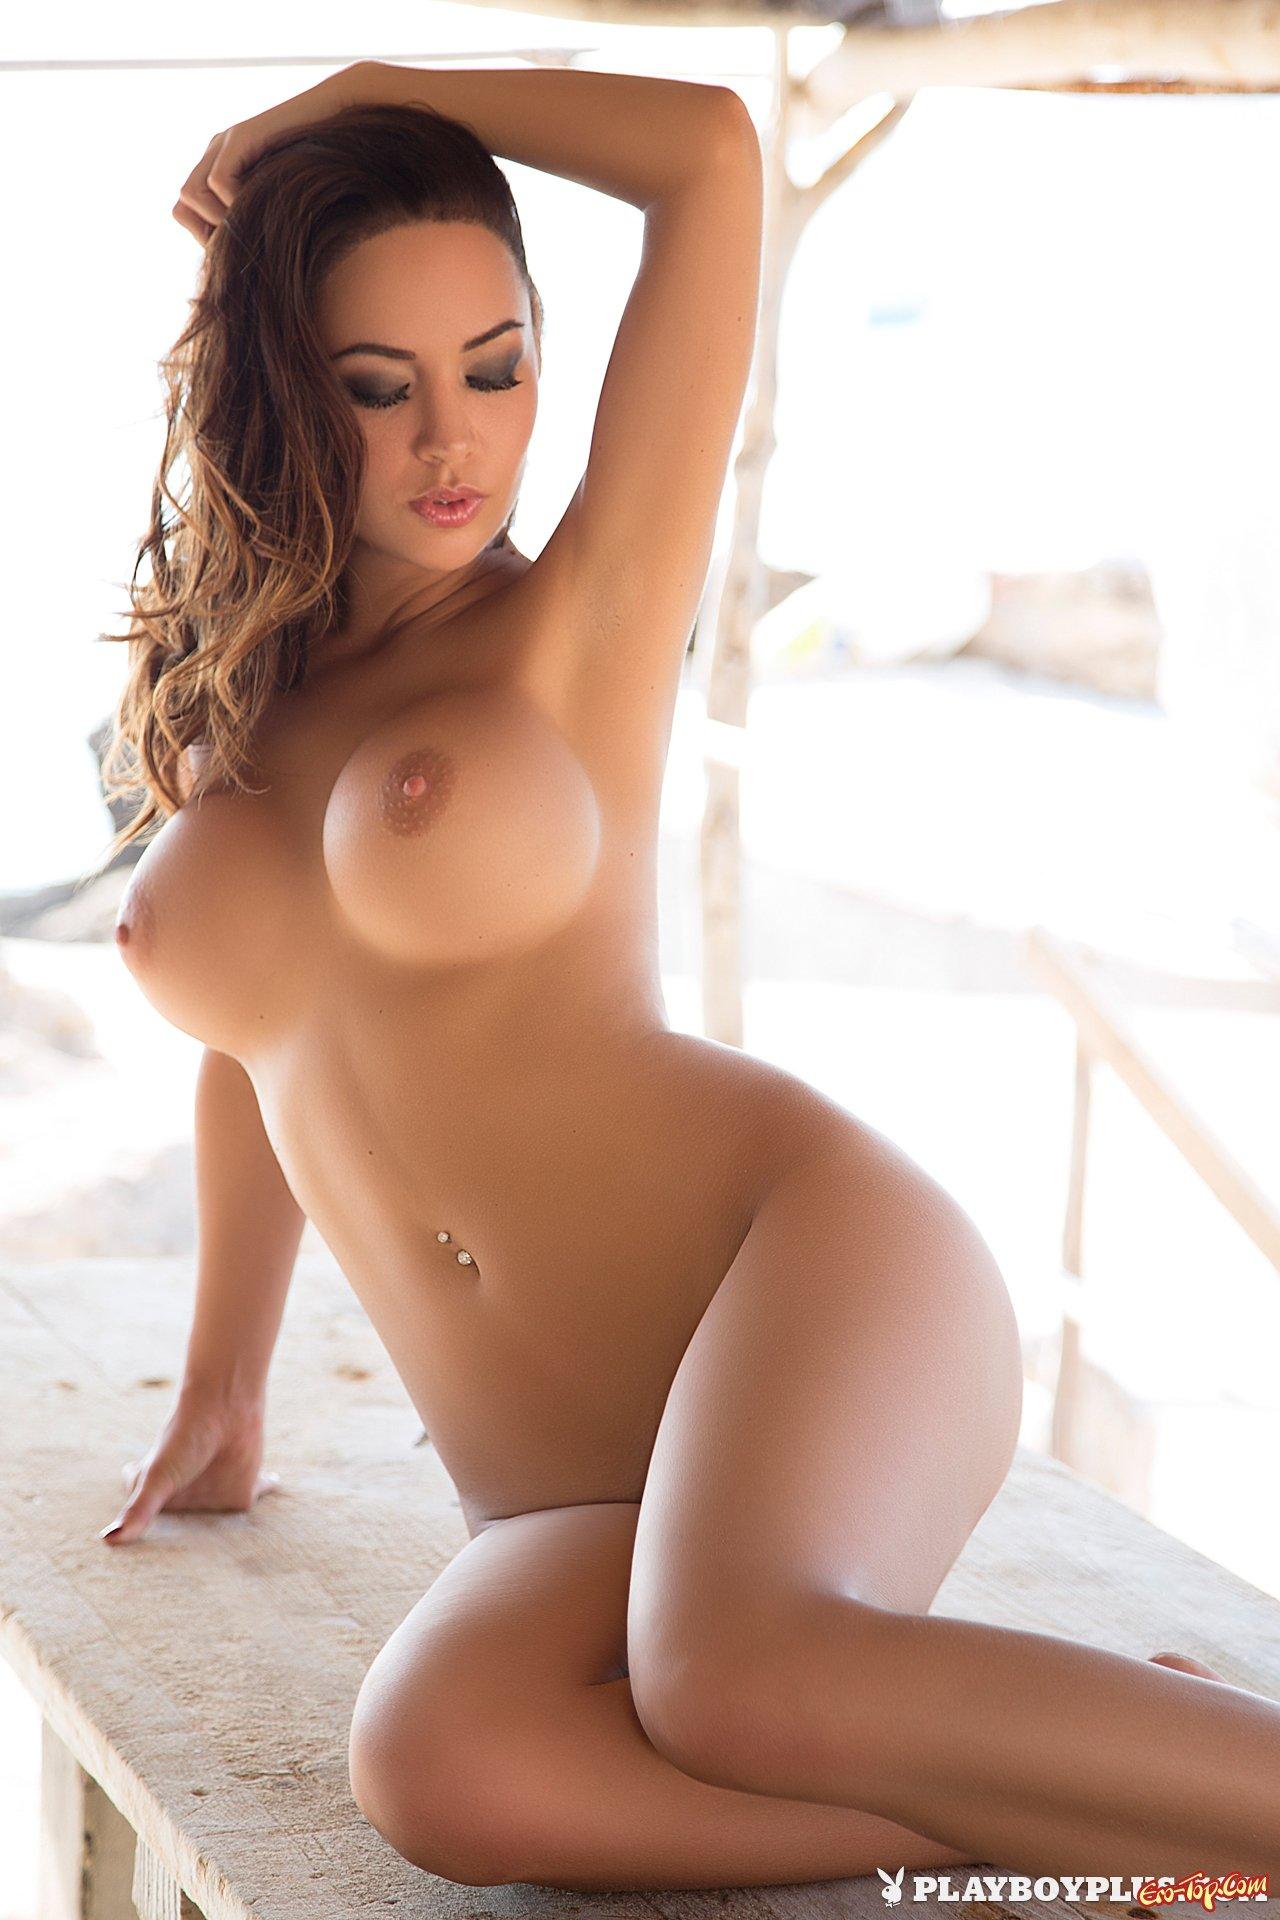 сисястые голые модели на фото